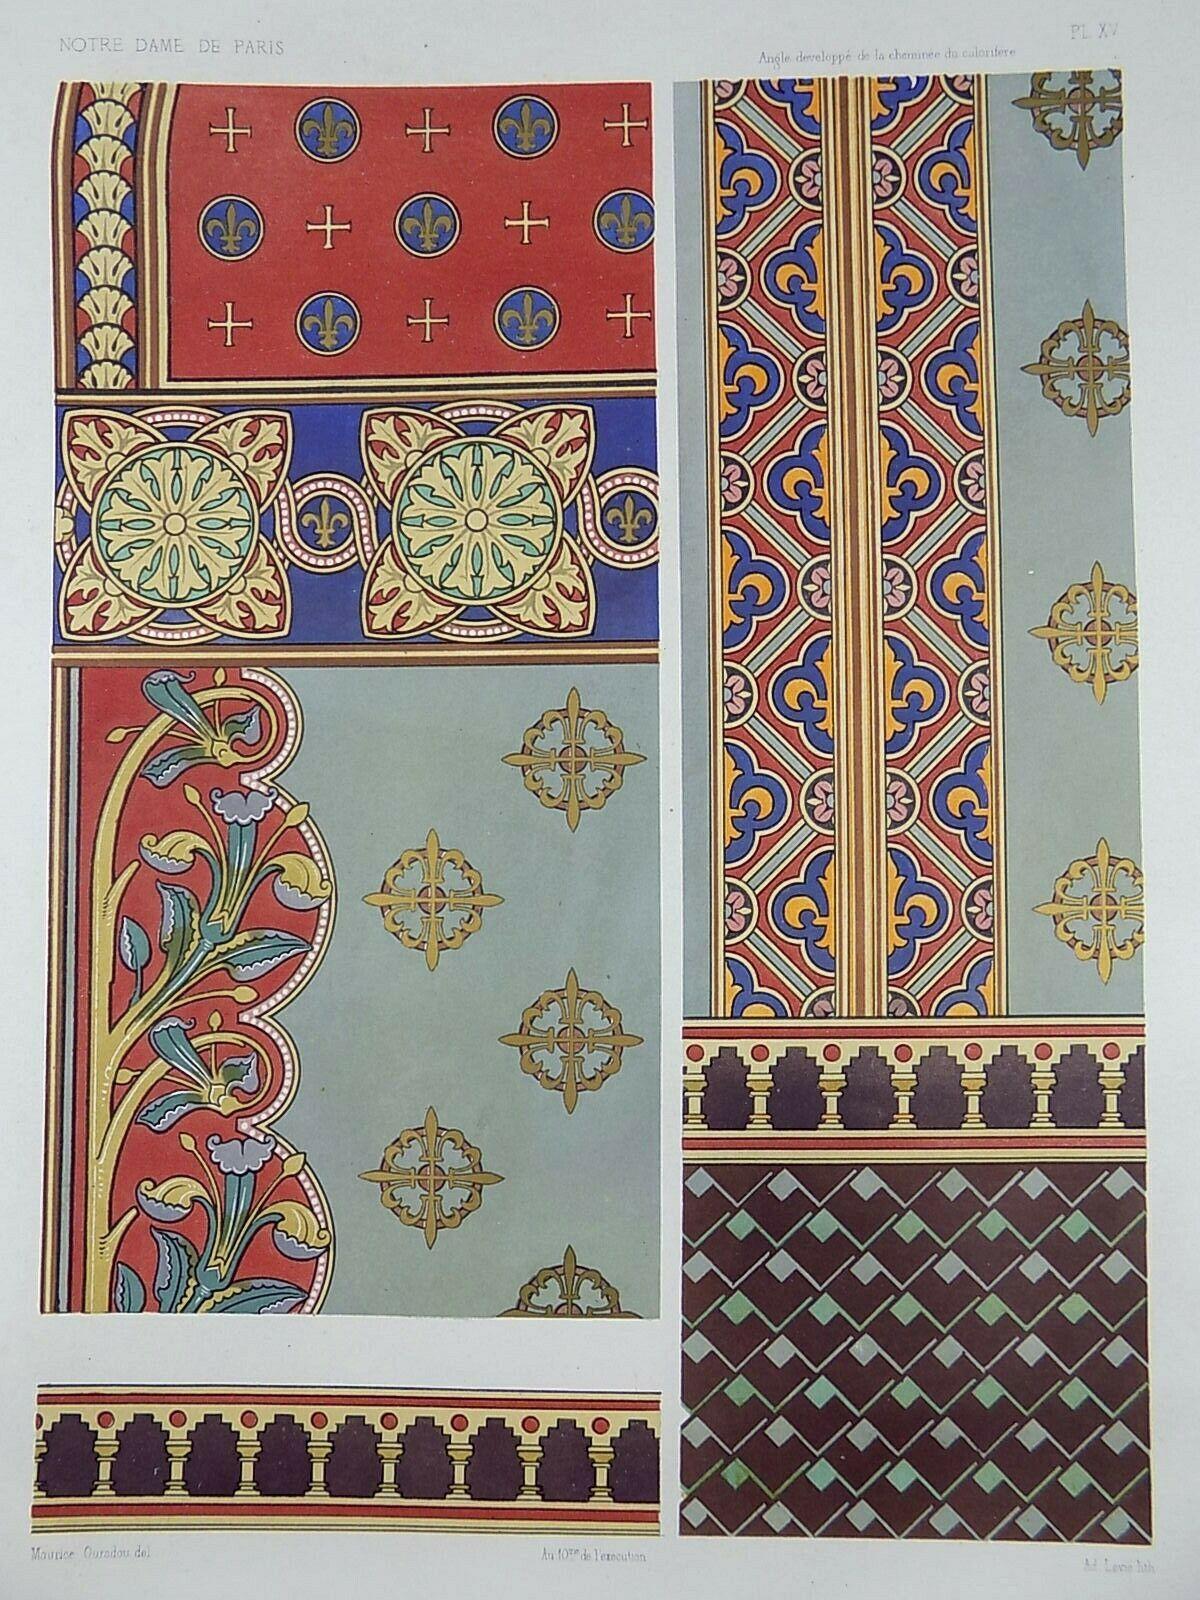 1875 M. Ouradou - Chromolithograph - Interior Design Art ...